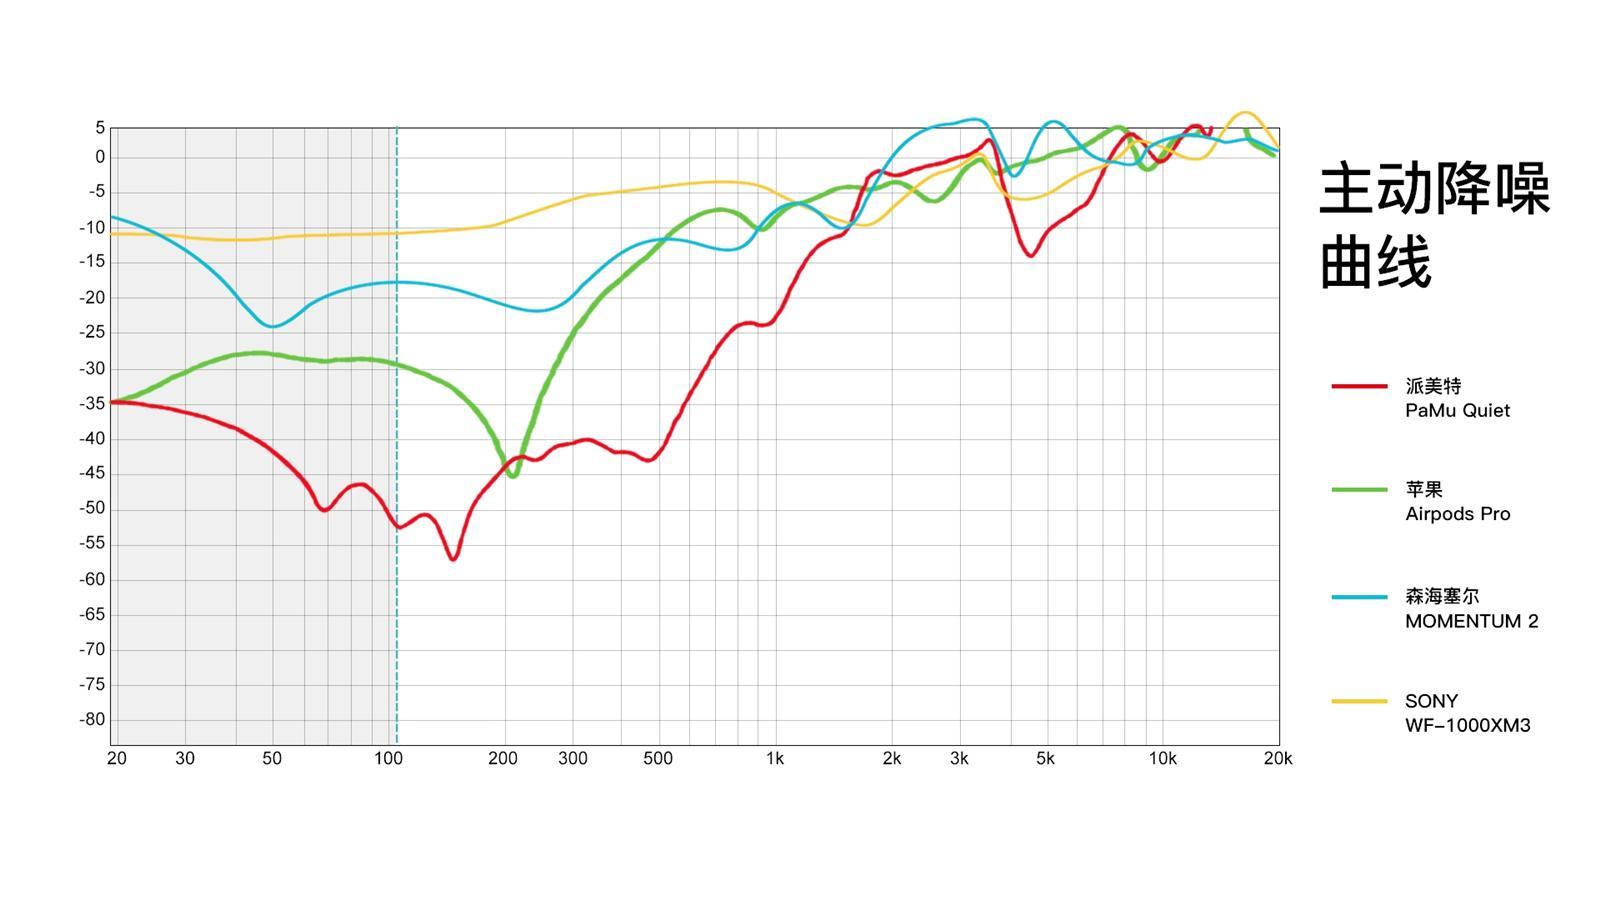 降噪耳机选购指南:苹果、华为、索尼、森海塞尔、派美特对比评测